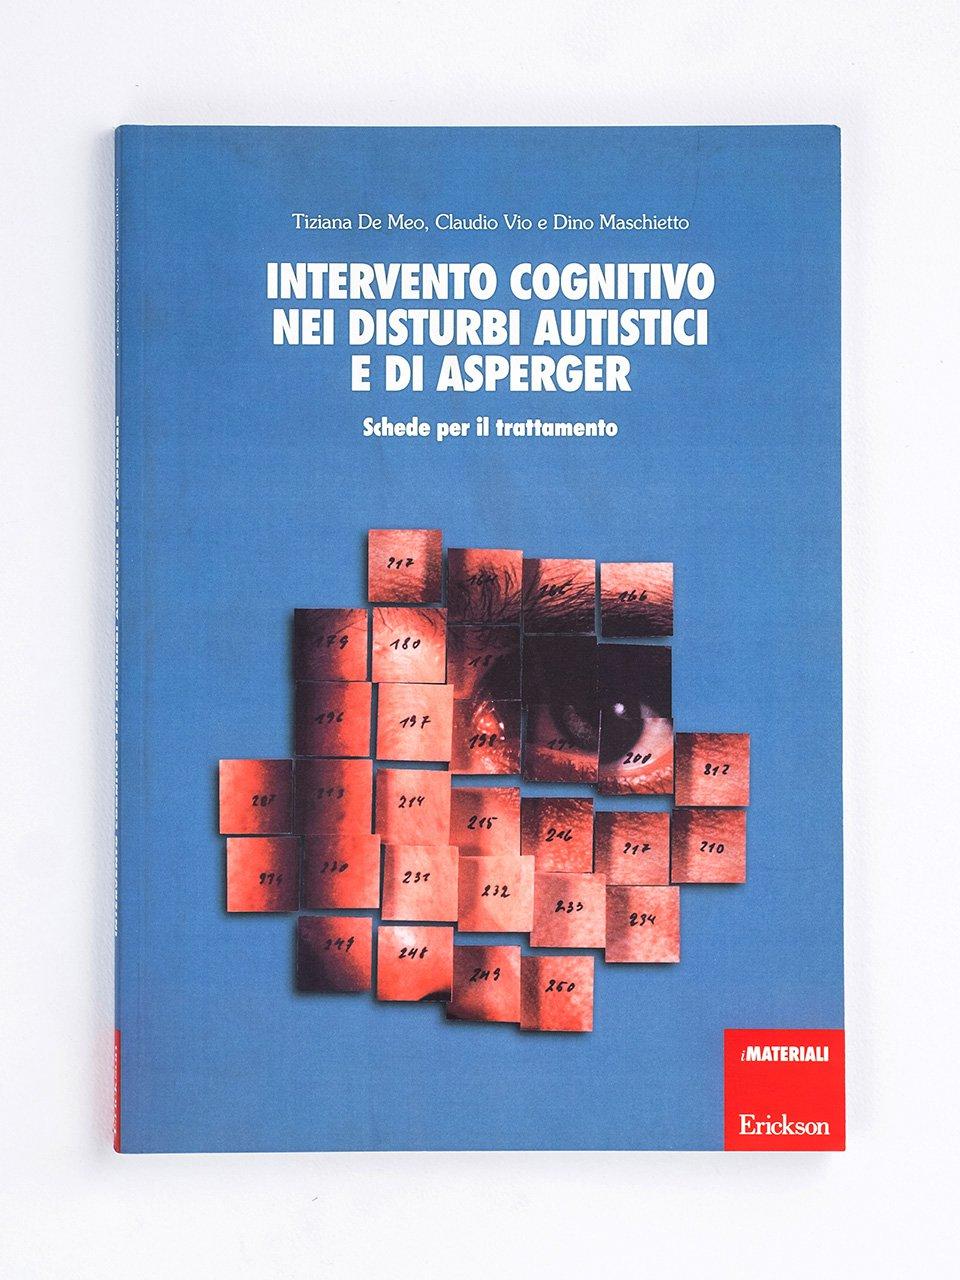 Intervento cognitivo nei disturbi autistici e di Asperger - Nostro figlio è autistico - Libri - Erickson